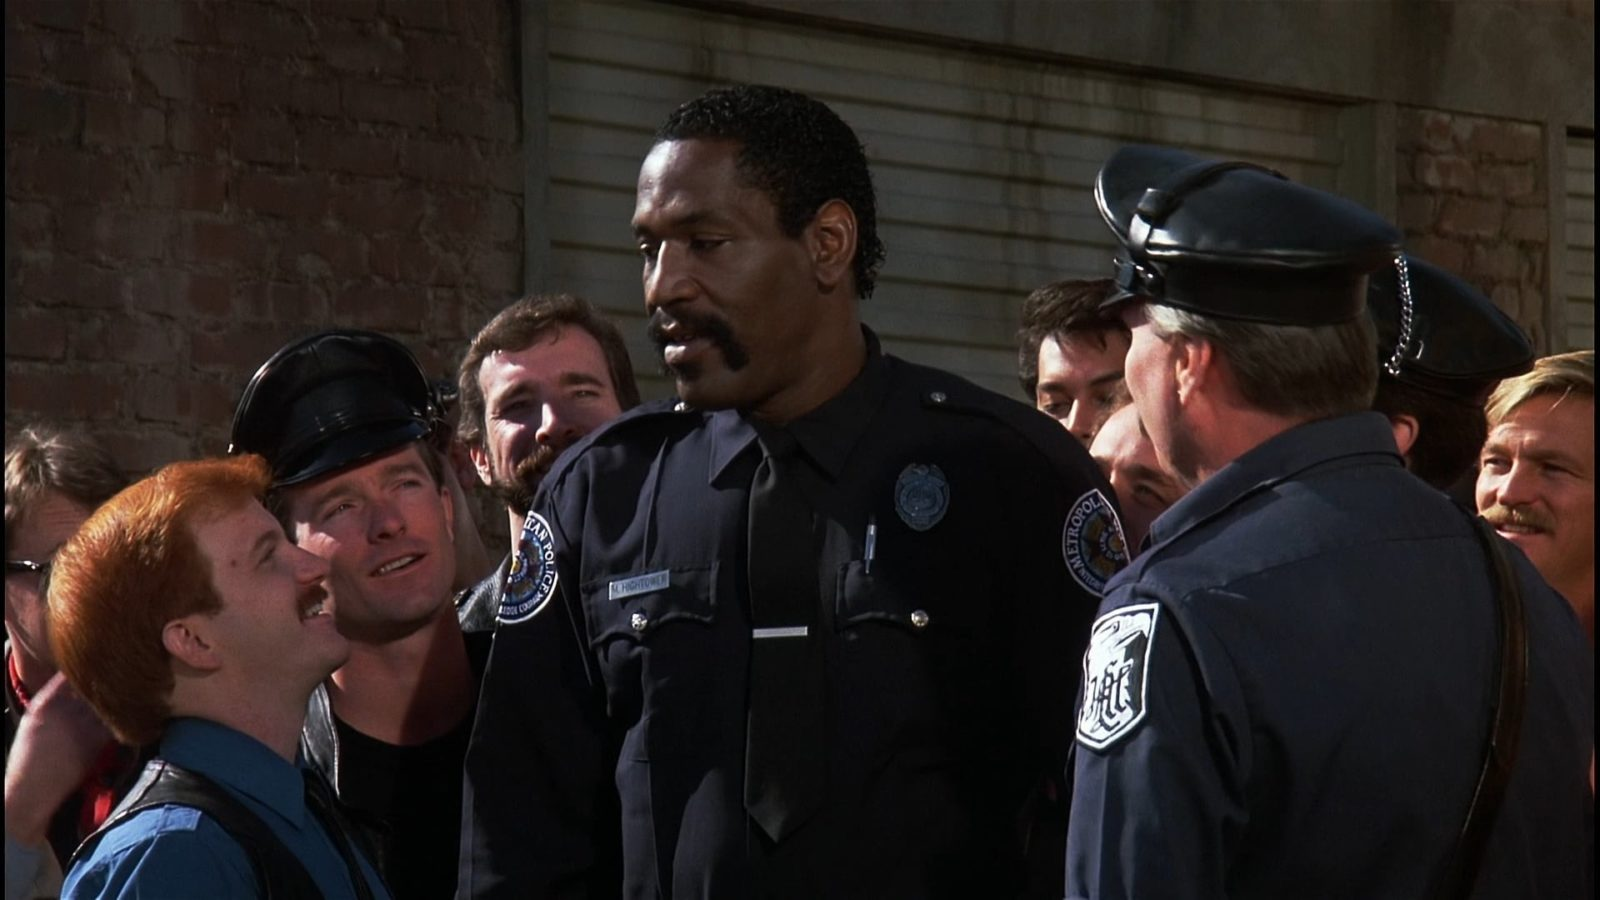 ТОП 10 фильмов про полицию